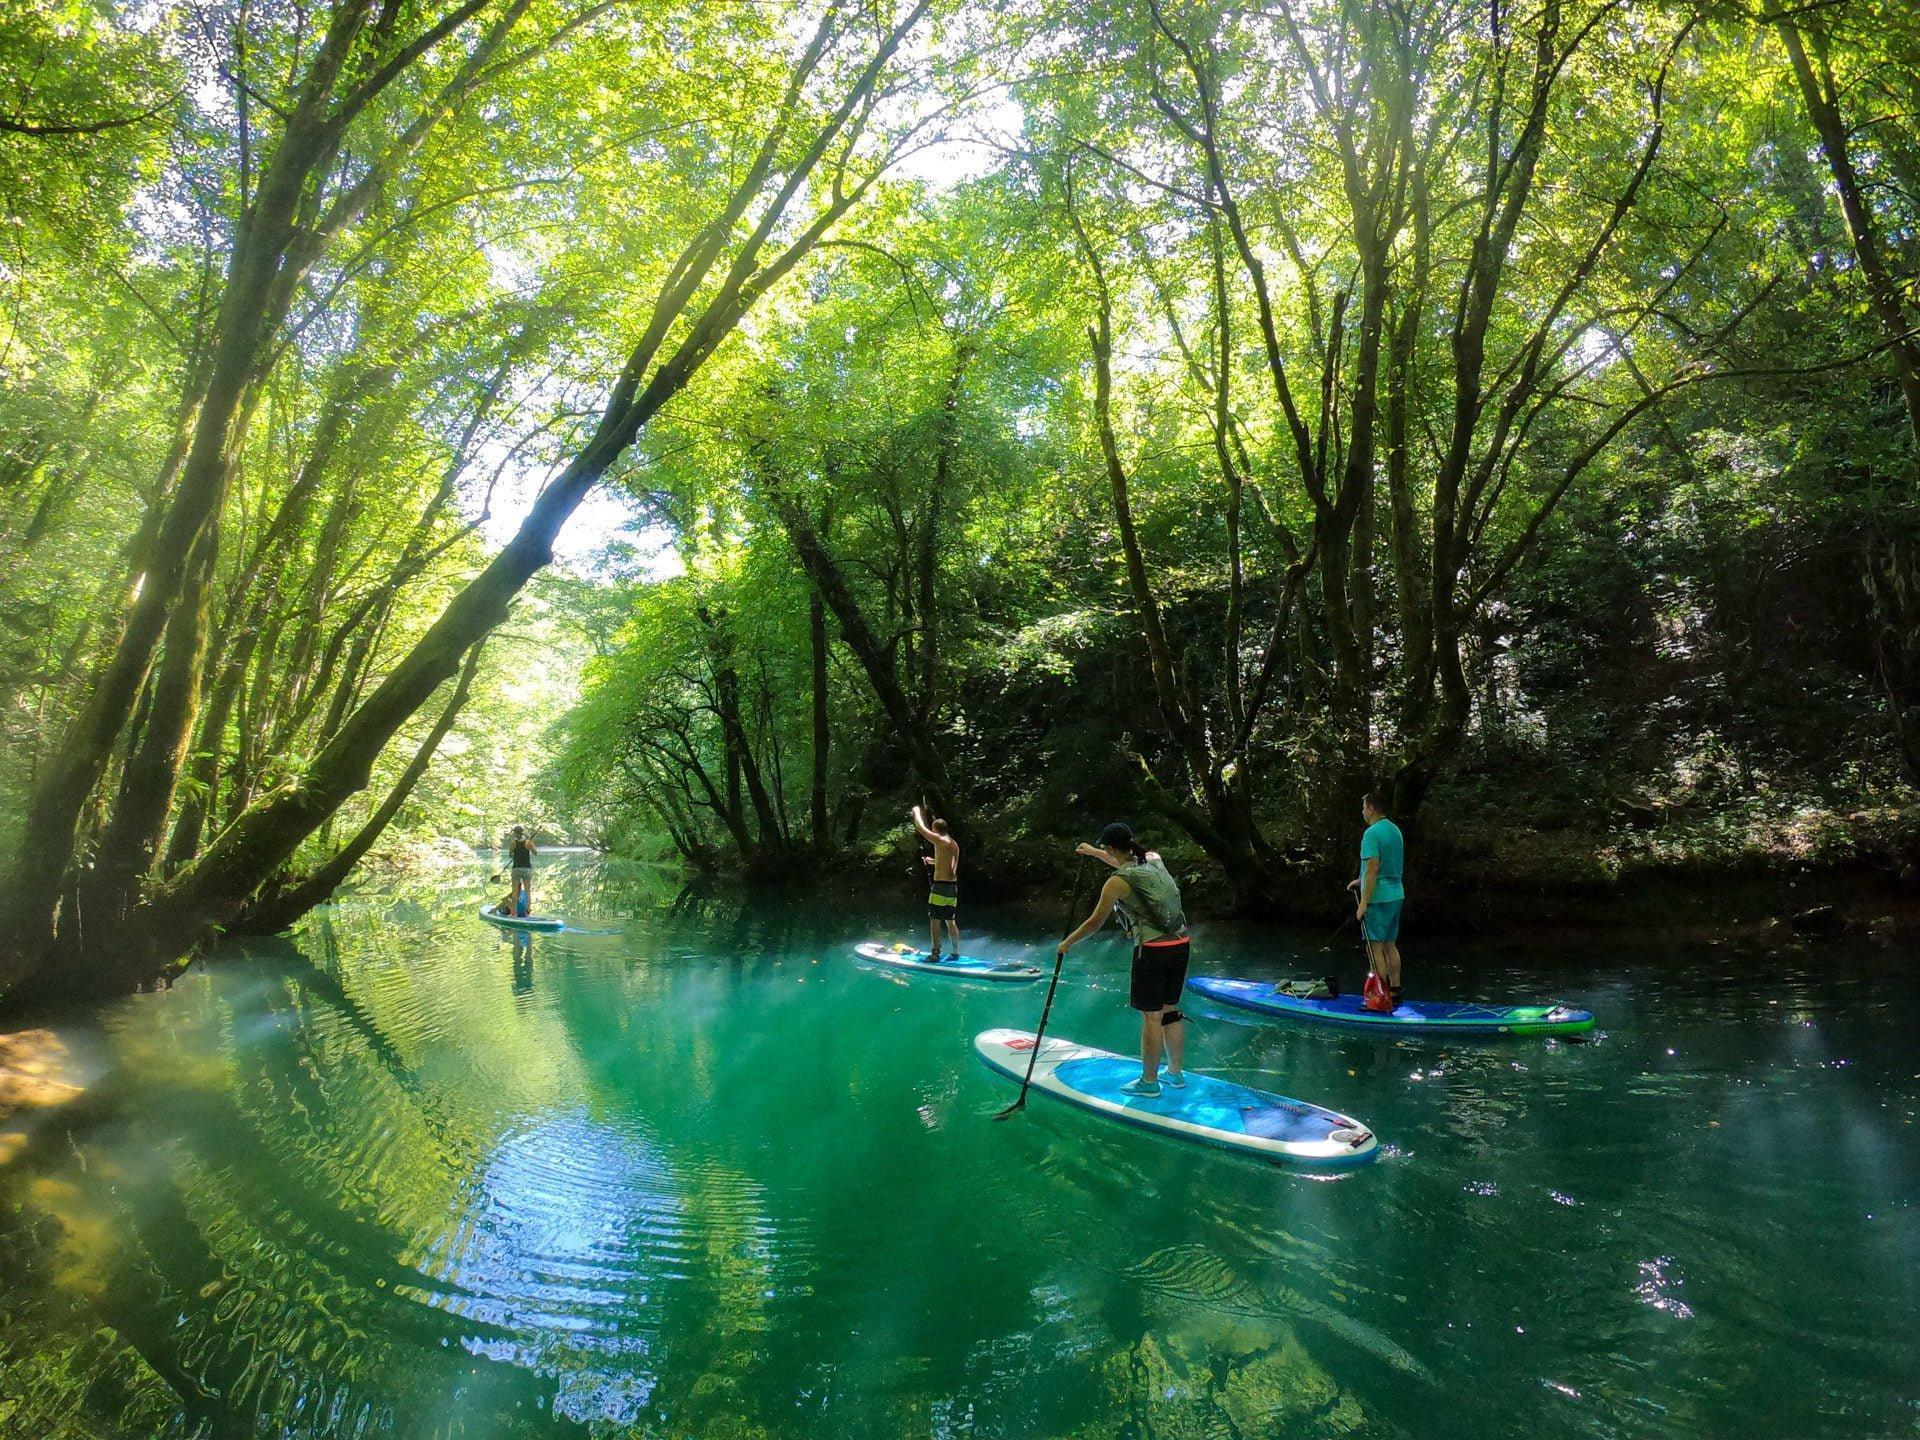 Suparji se spuščajo po skrivnostni reki turkizne barve